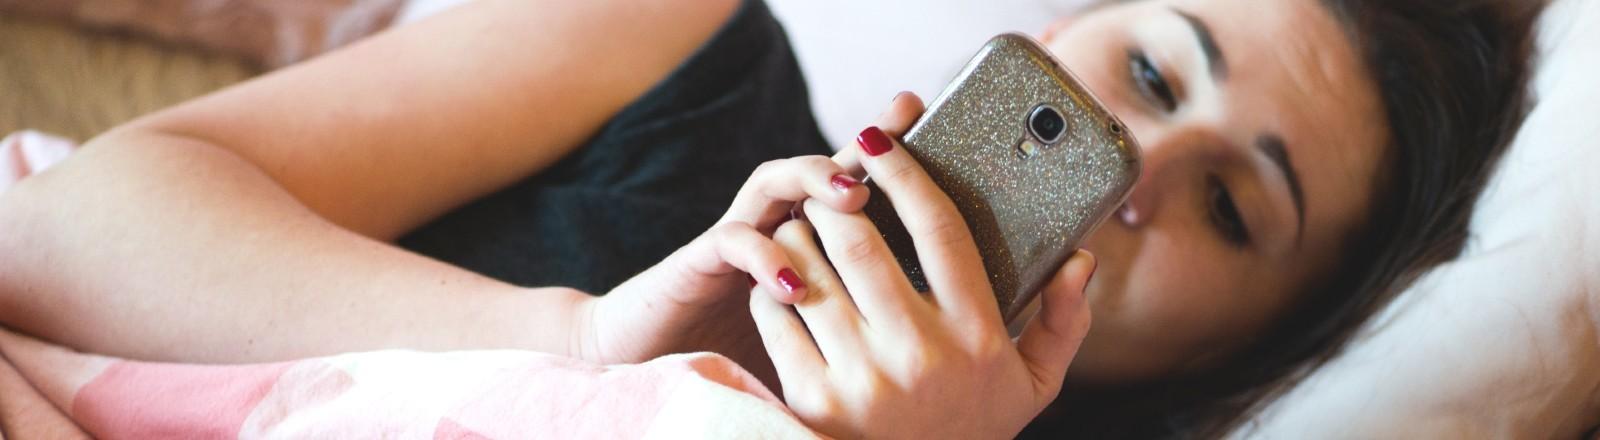 Junge Frau liegt im Bett und schaut auf das Handy.